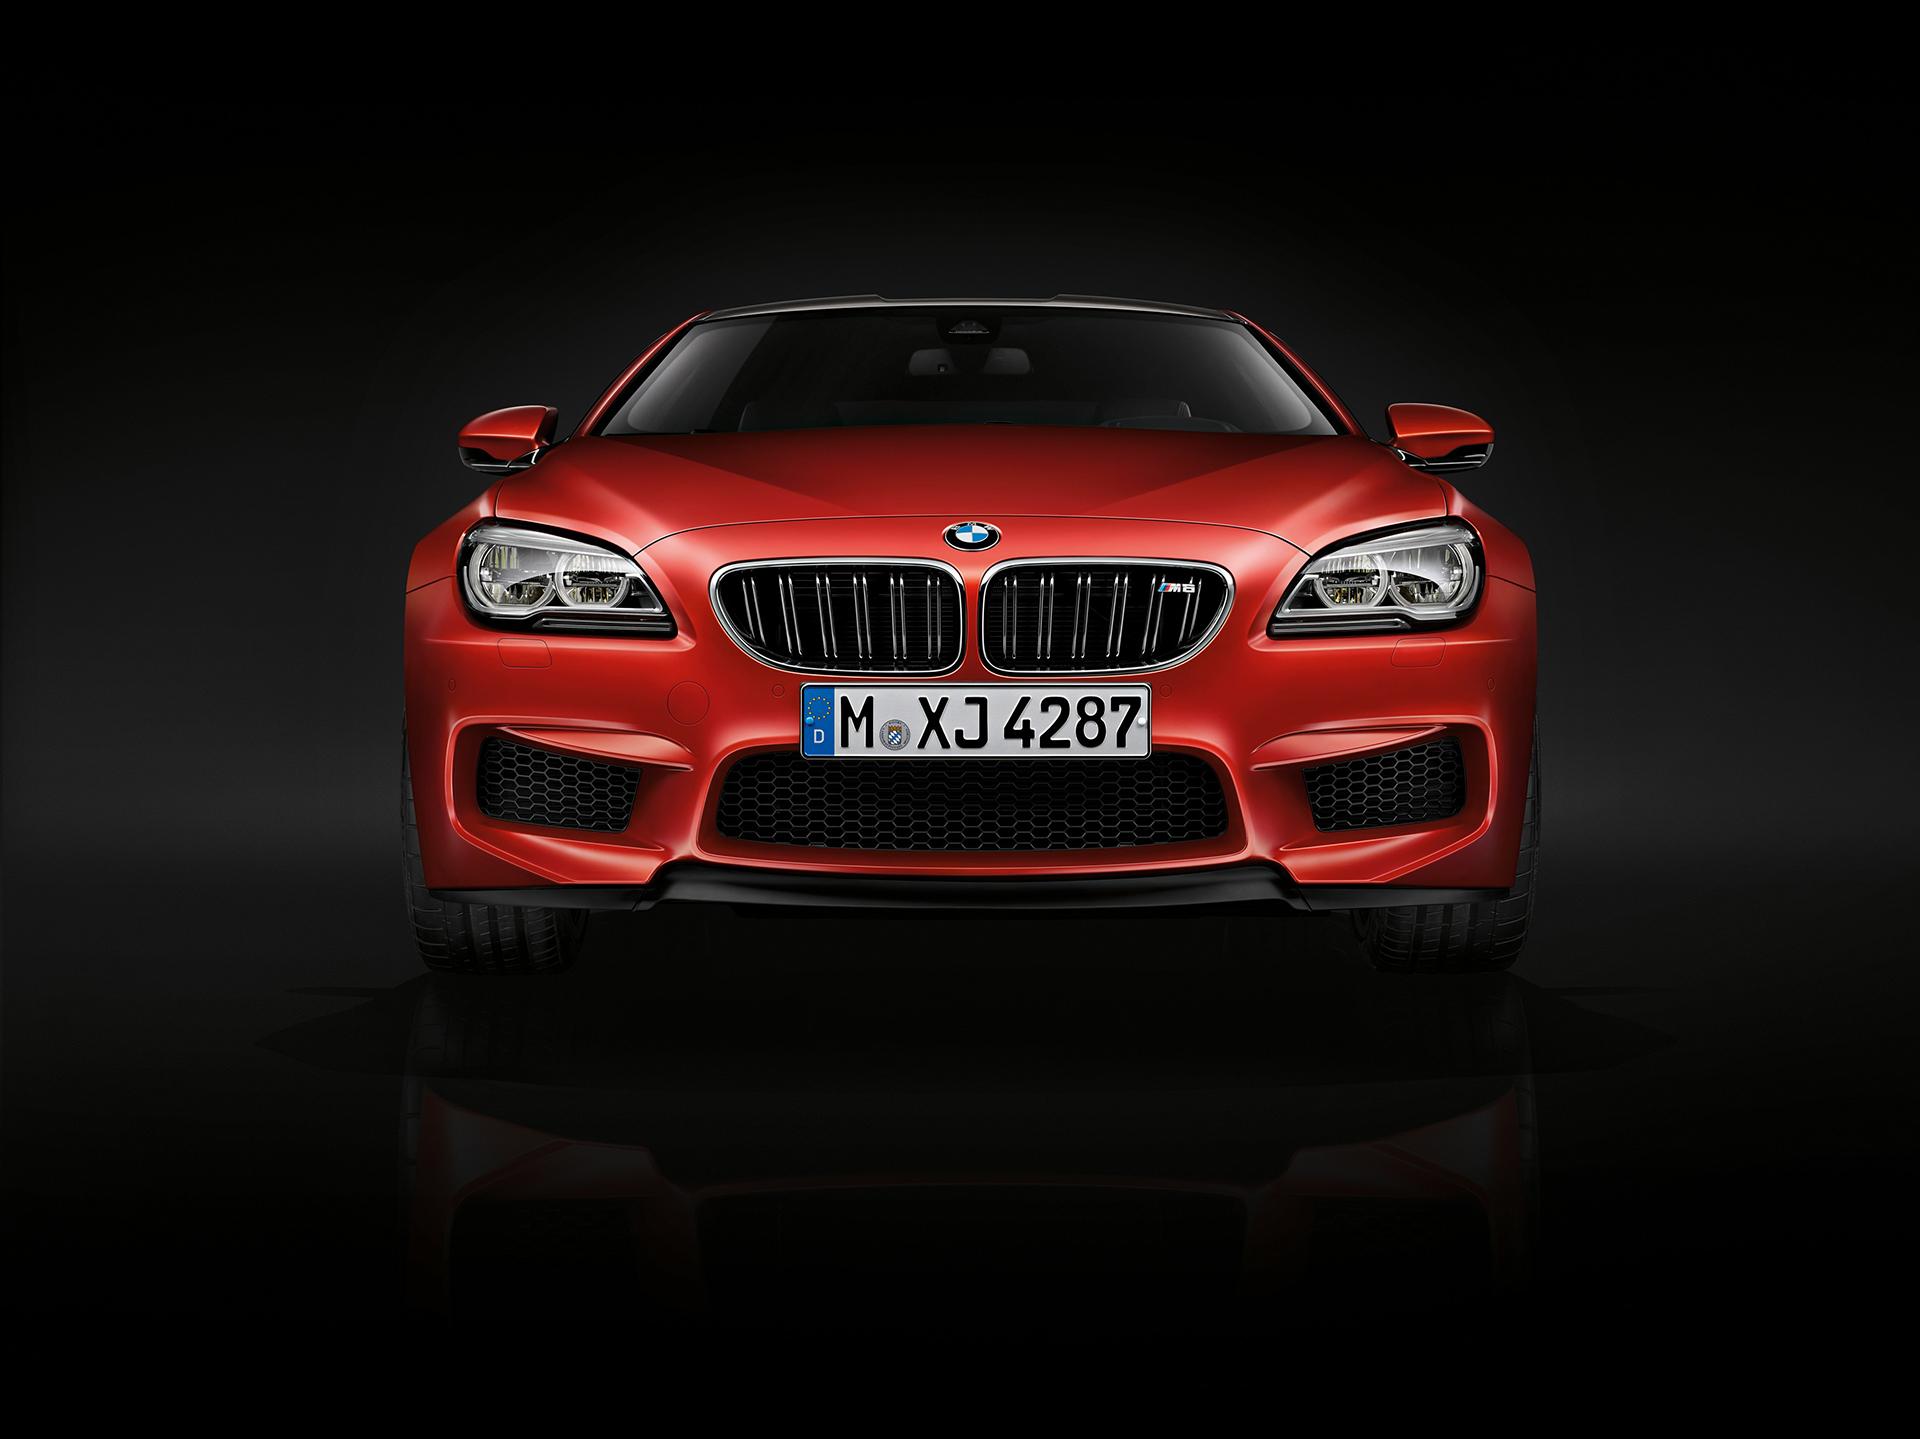 BMW M6 coupé 2015 - front / avant